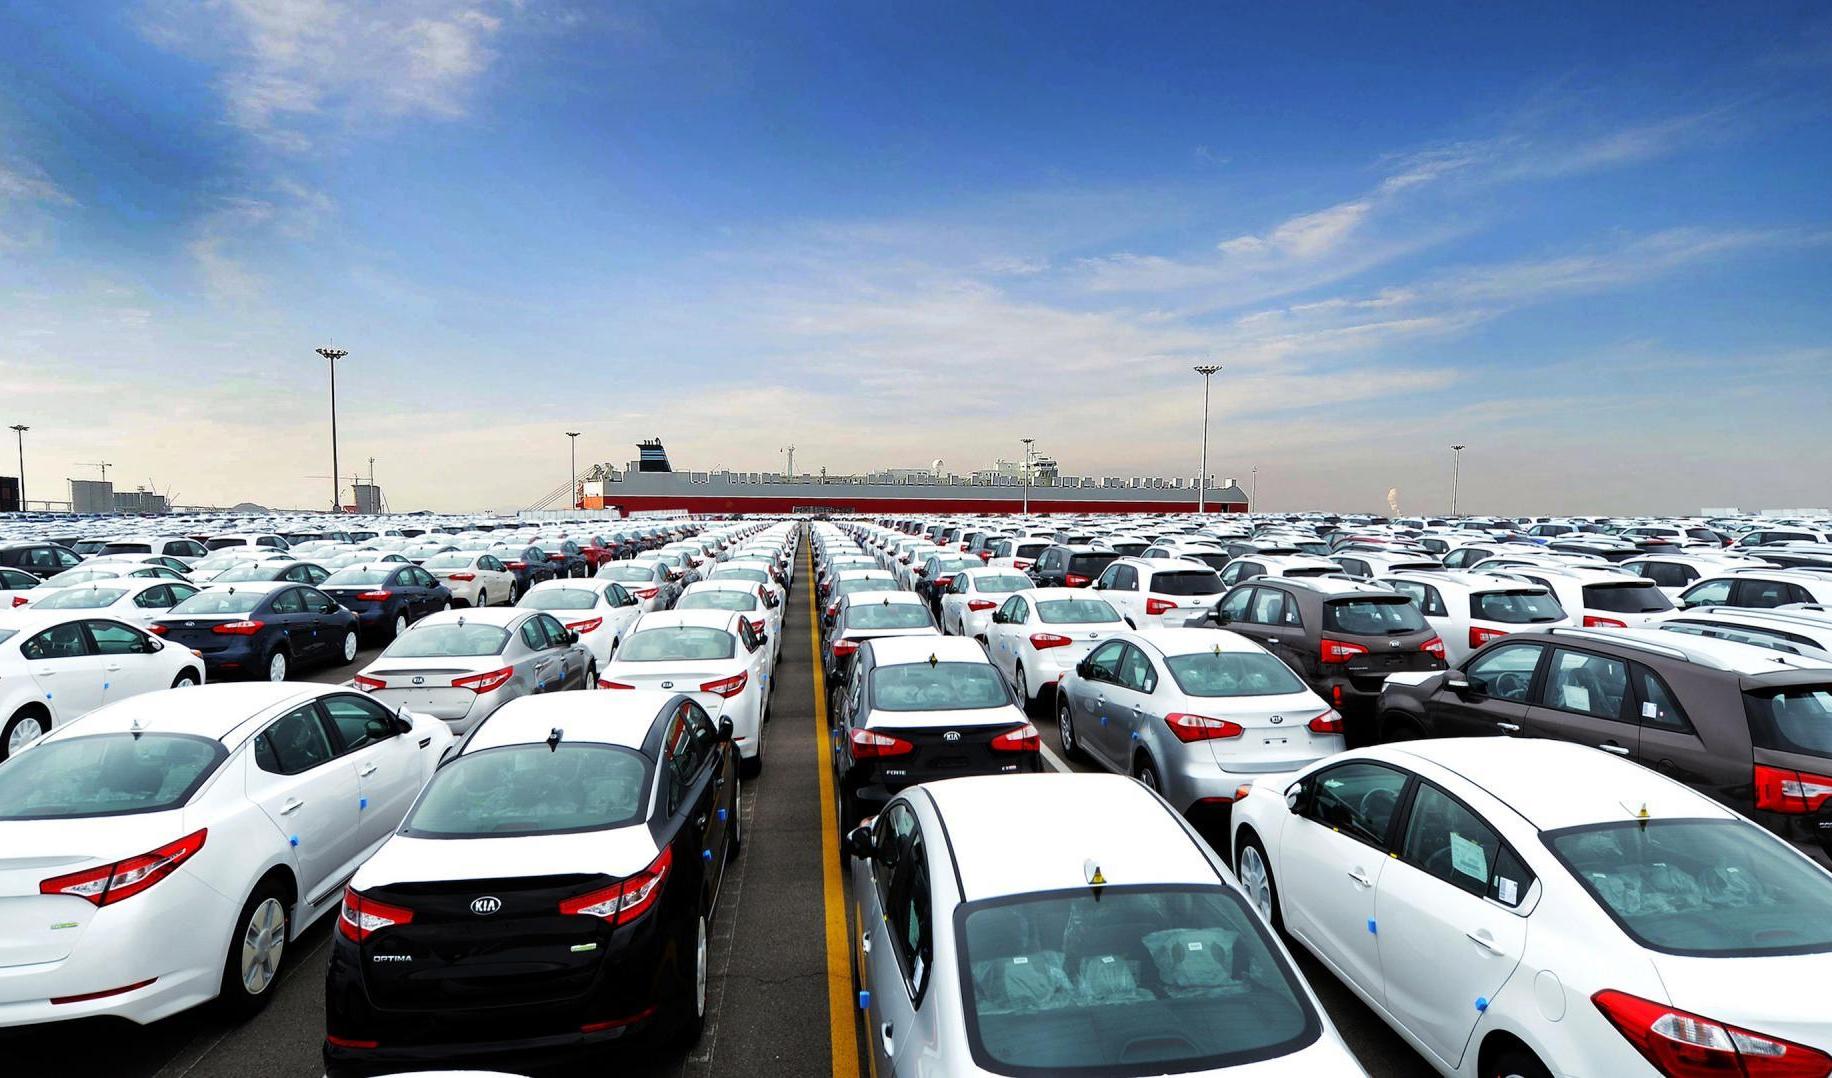 اما و اگرهای آزادسازی واردات خودرو در صورت رفع ممنوعیت!